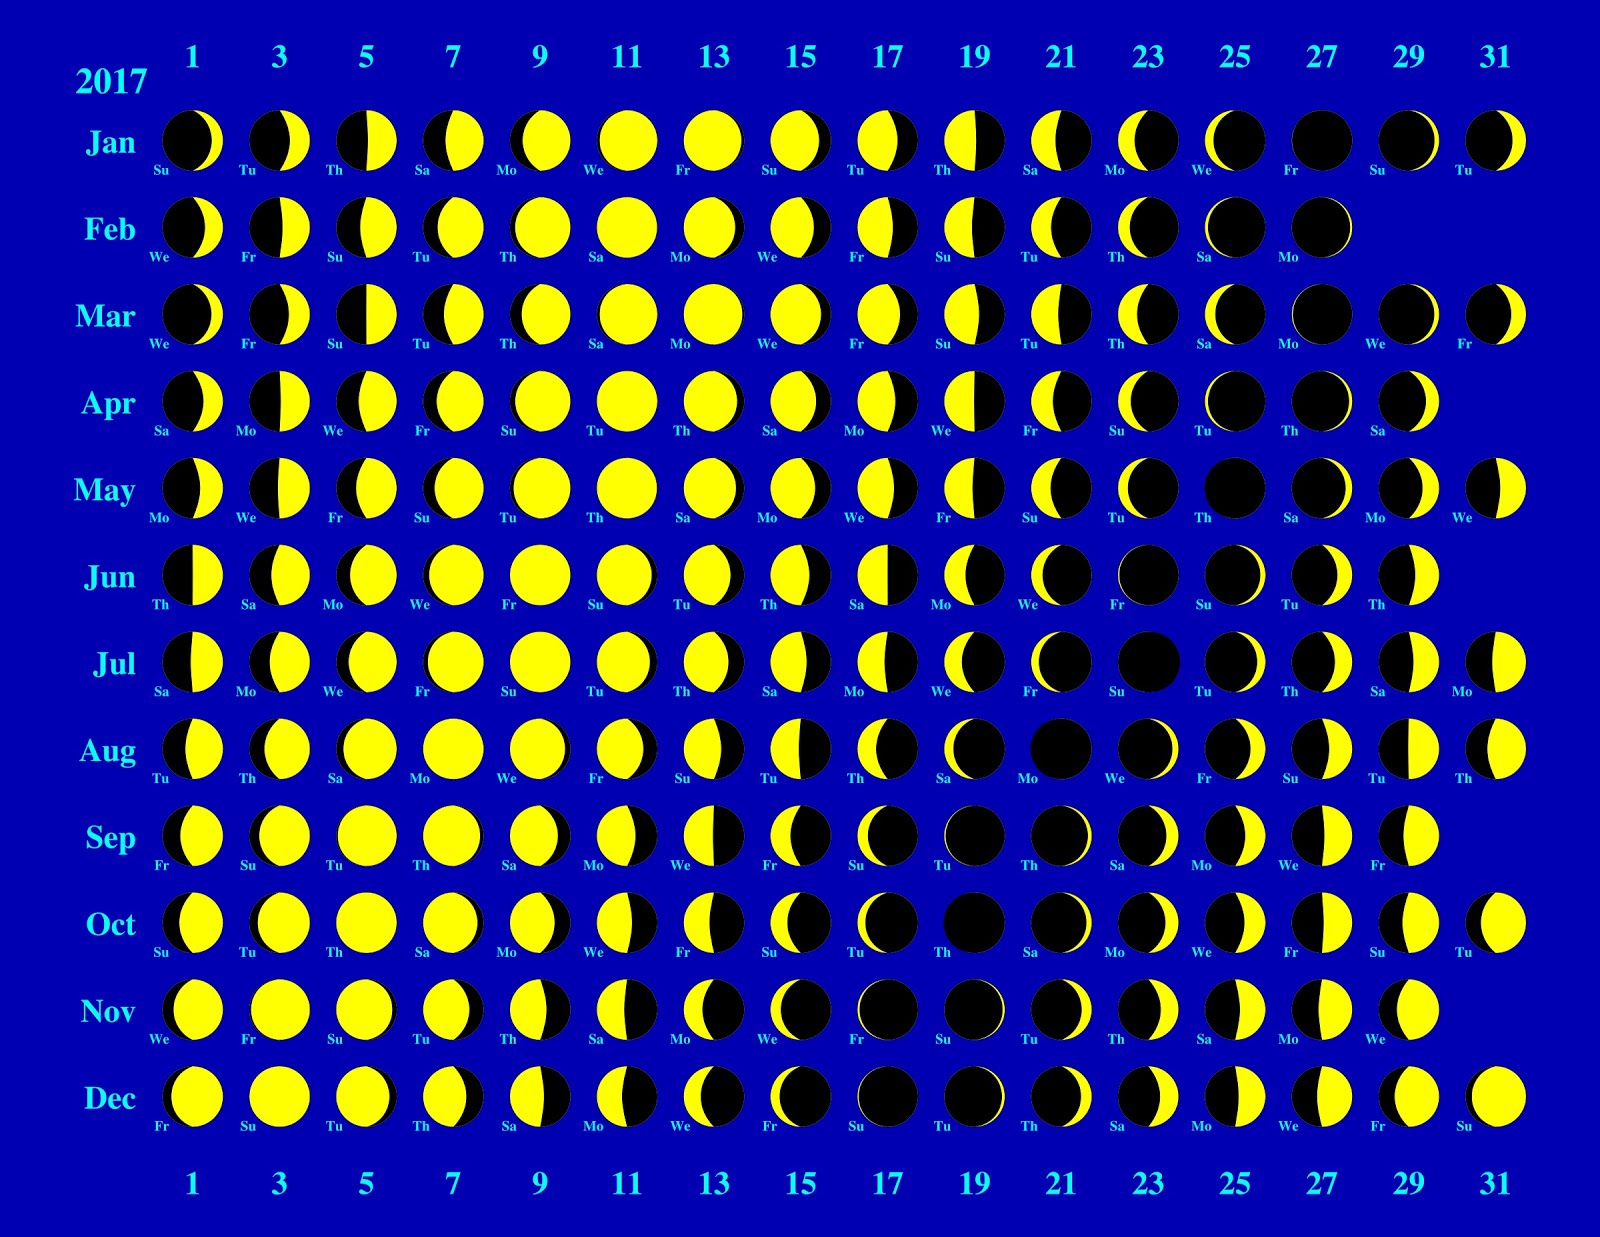 Luas 2017 - clicar na imagem